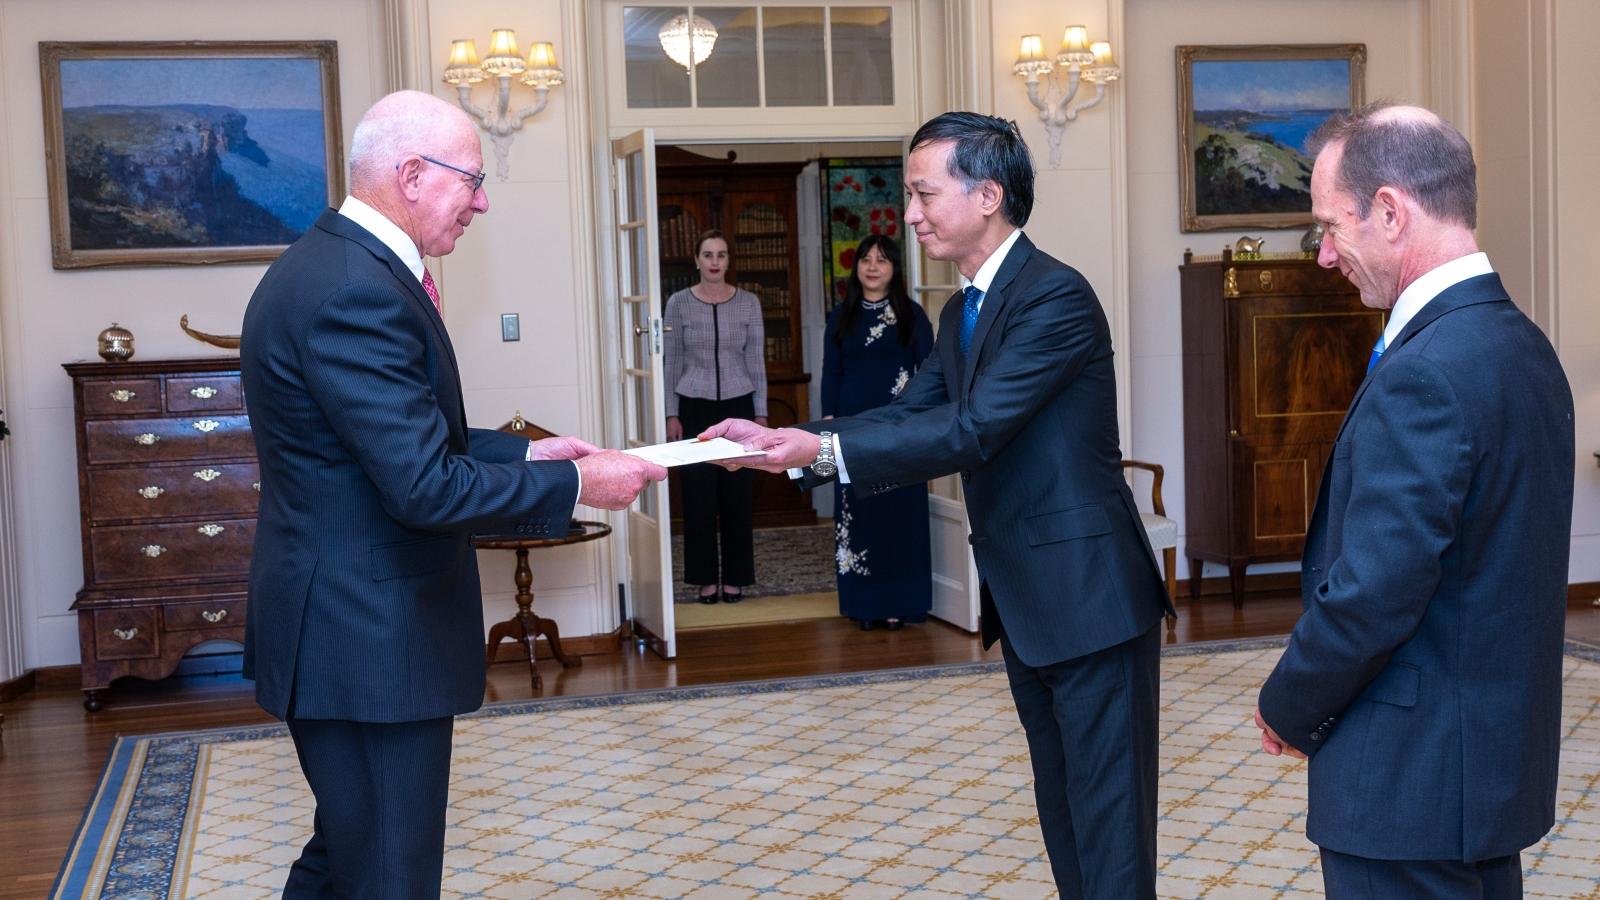 Đại sứ Nguyễn Tất Thành trình quốc thư lên Toàn quyền Australia David Hurley